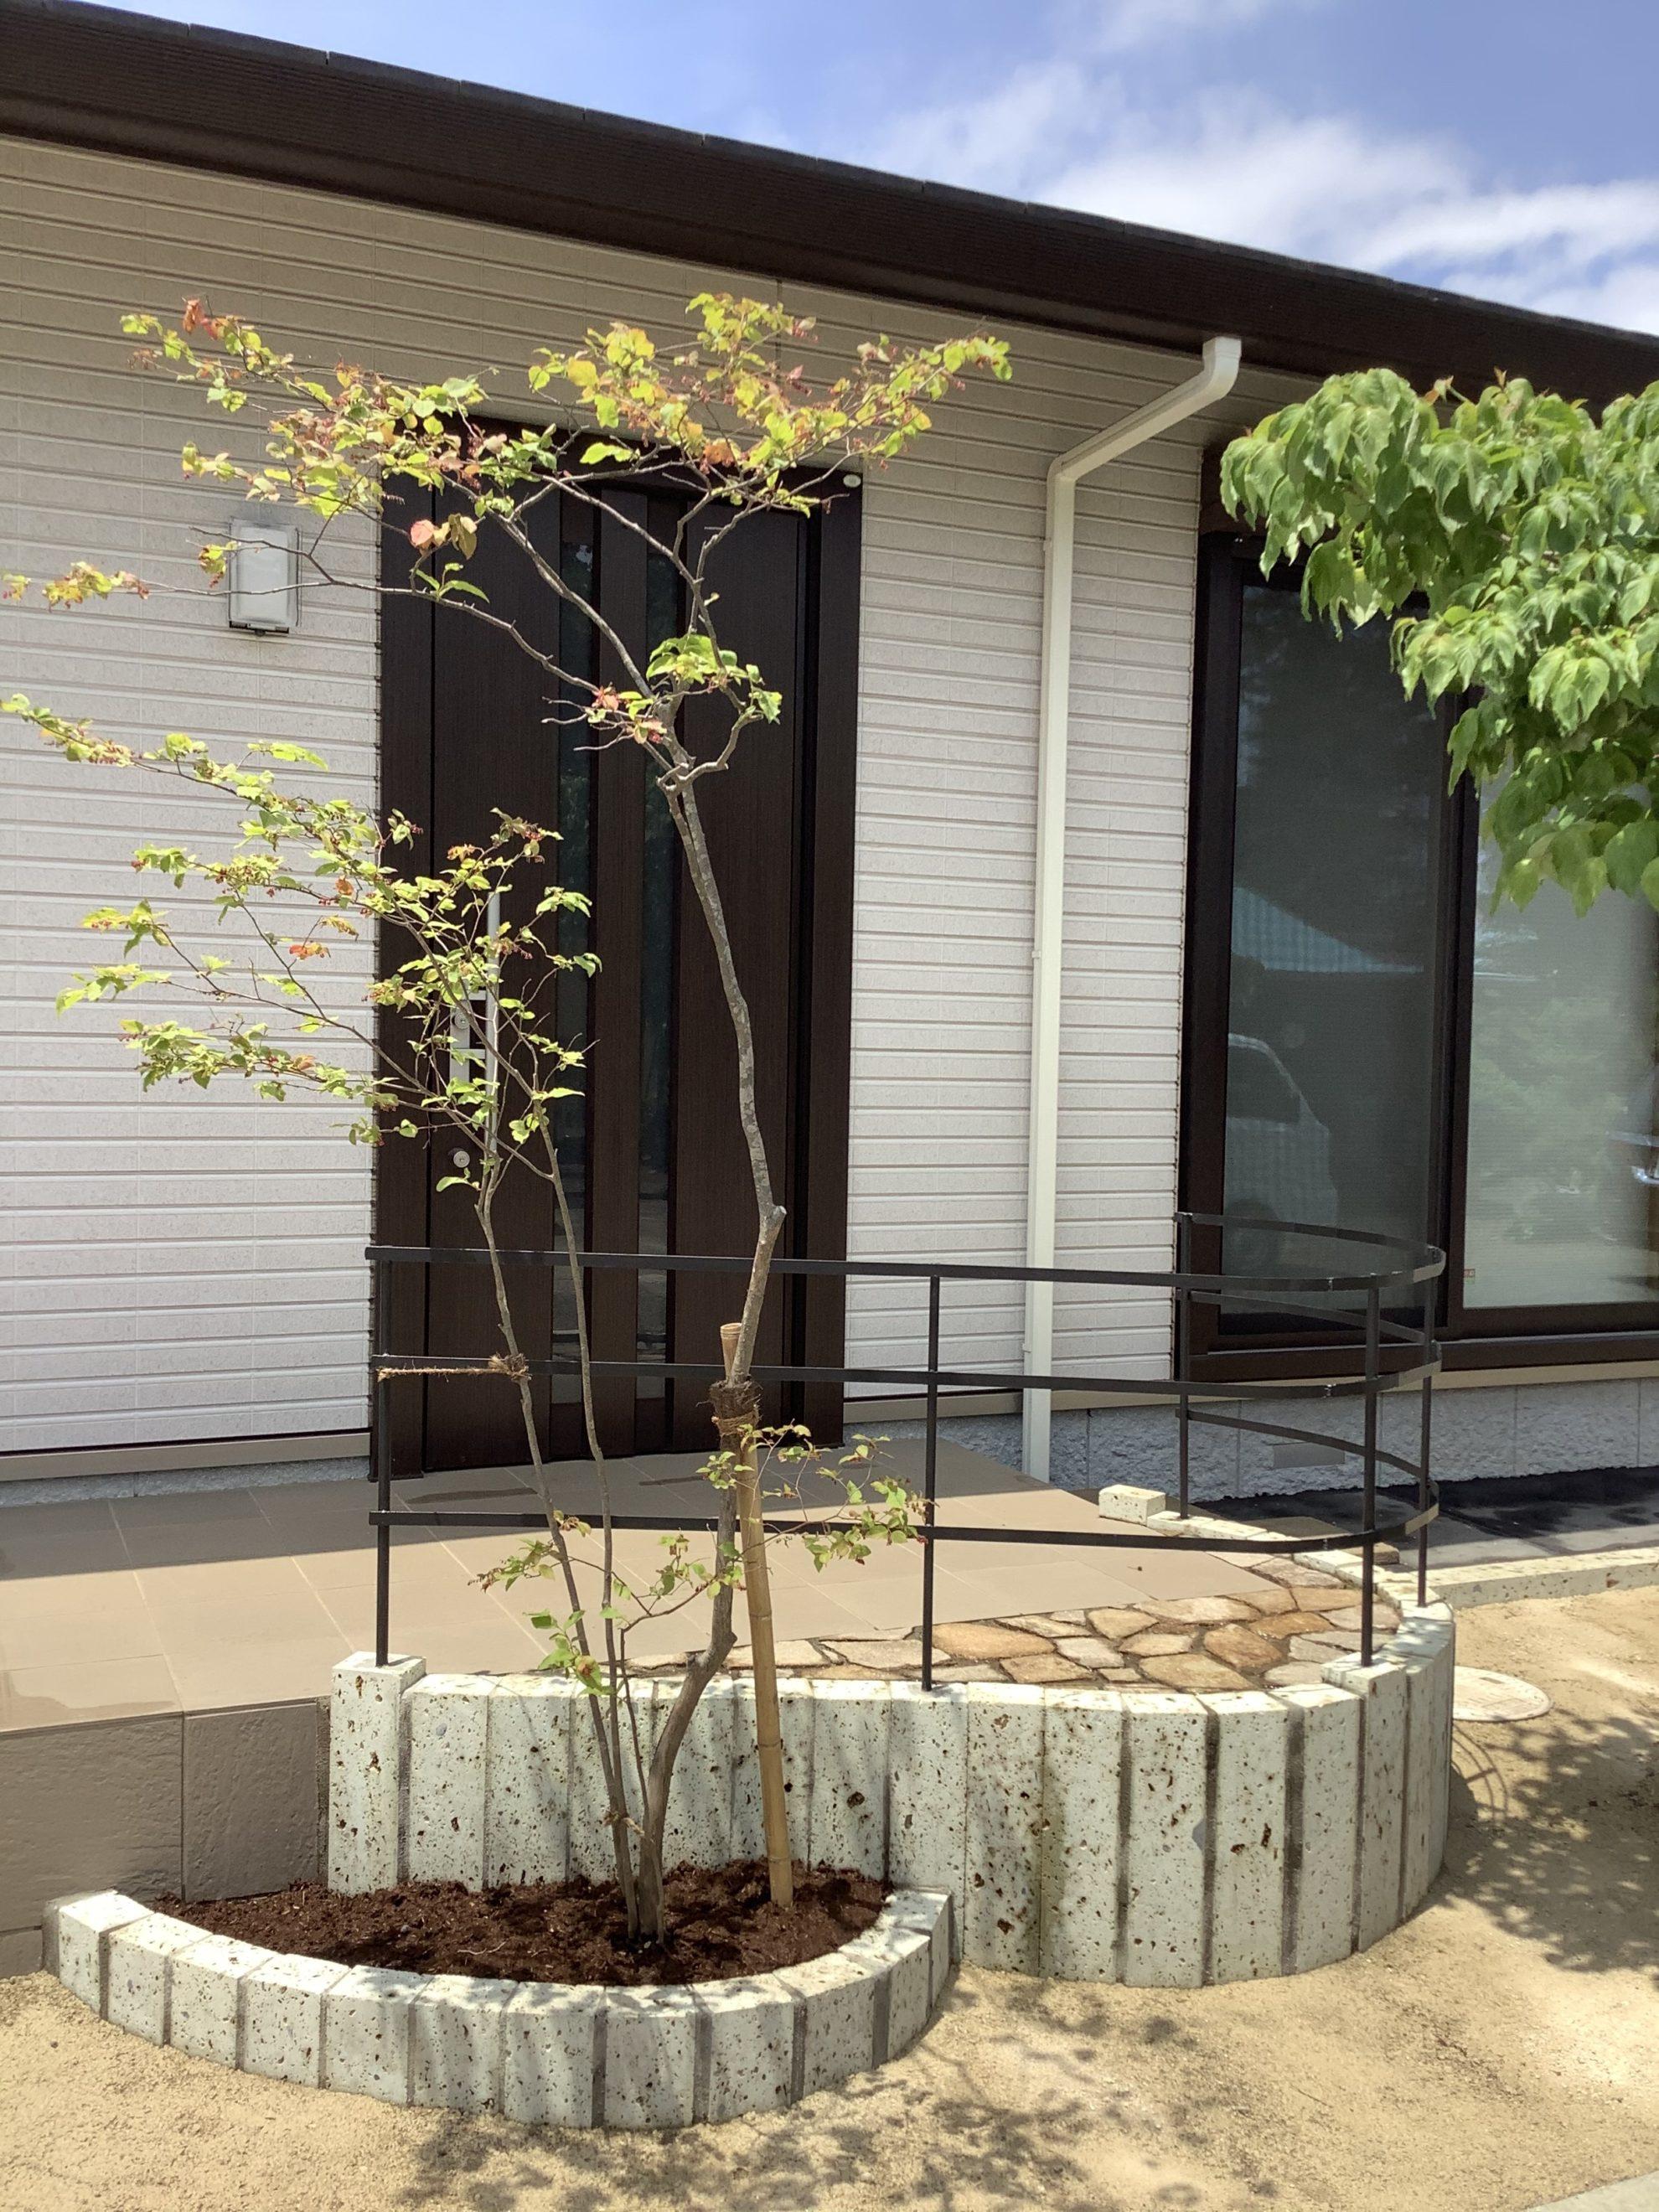 アイアンと自然材料の庭 外構 埼玉県(狭山市)-16